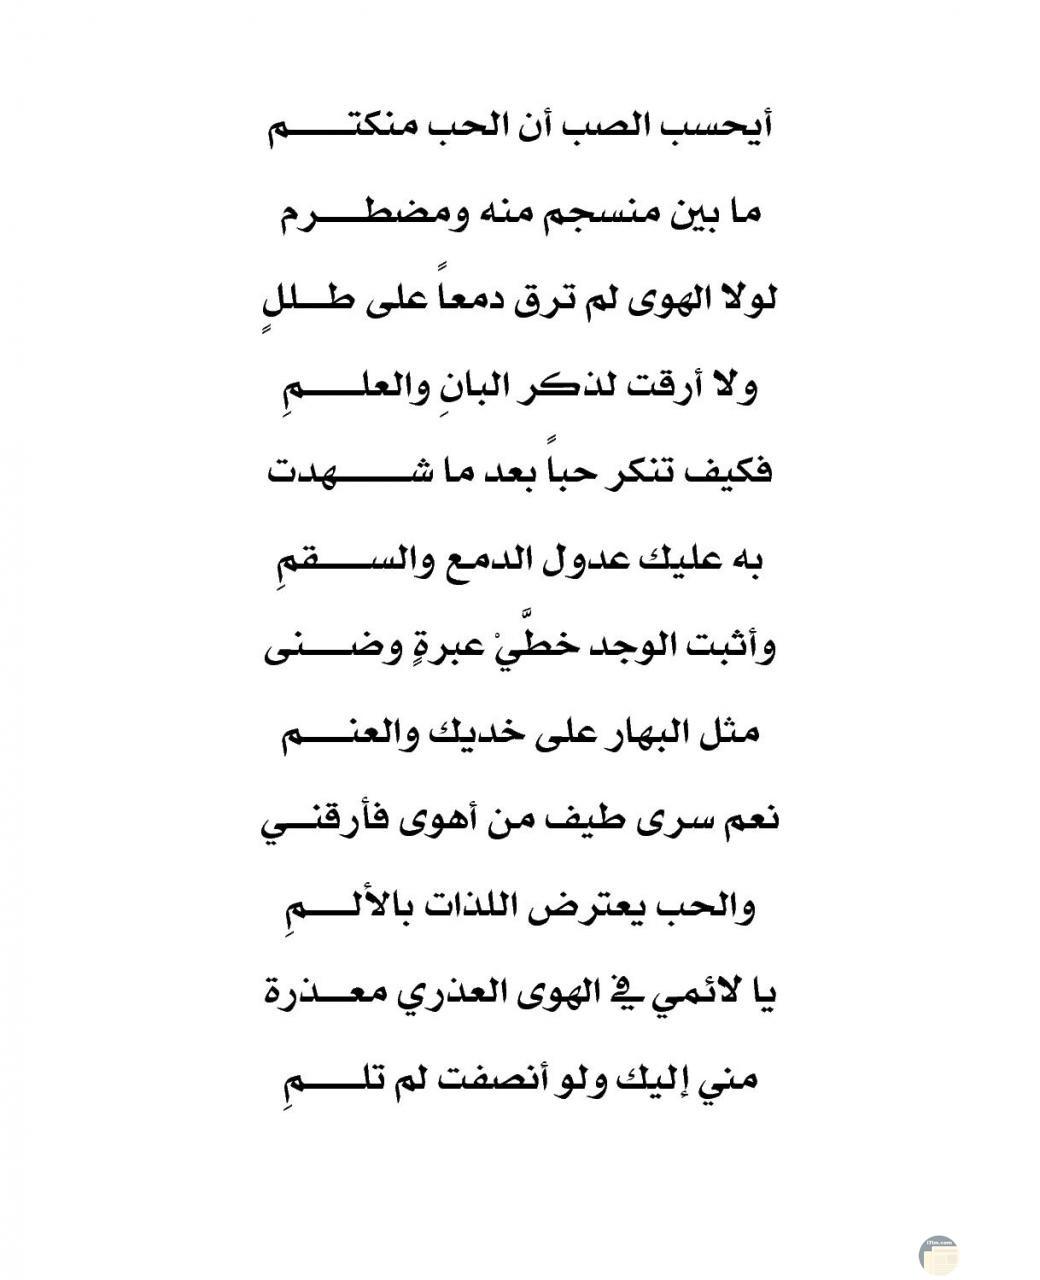 قصيدة شعر طويلة عن الحب و الرومانسية.